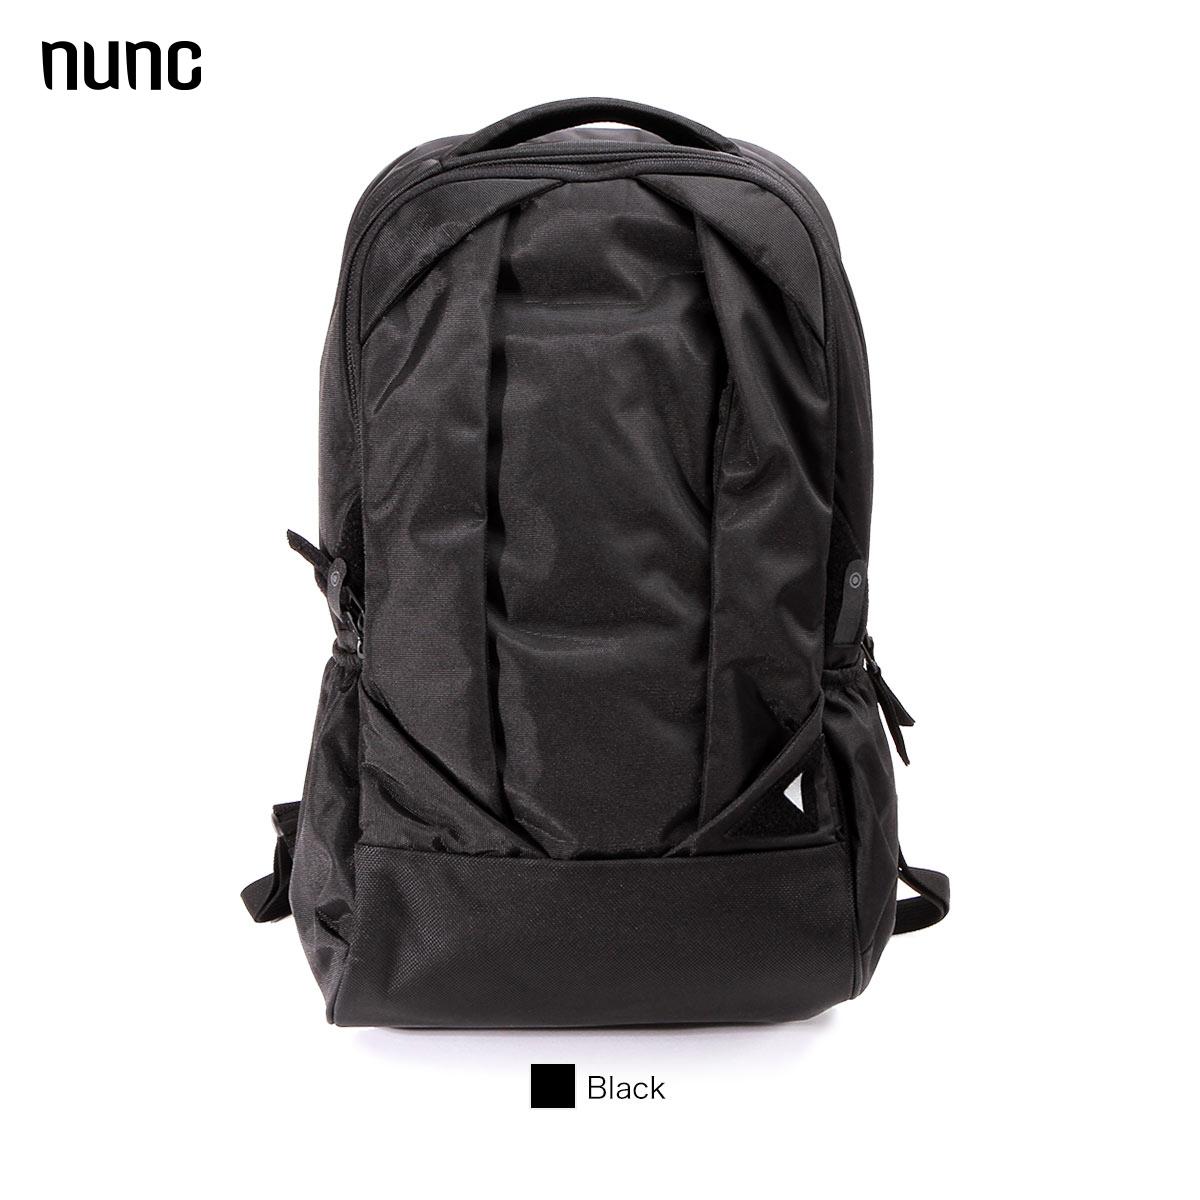 【正規販売店】ヌンク デイリー パックパック リュック Daily Backpack 24.5L nunc NN003010